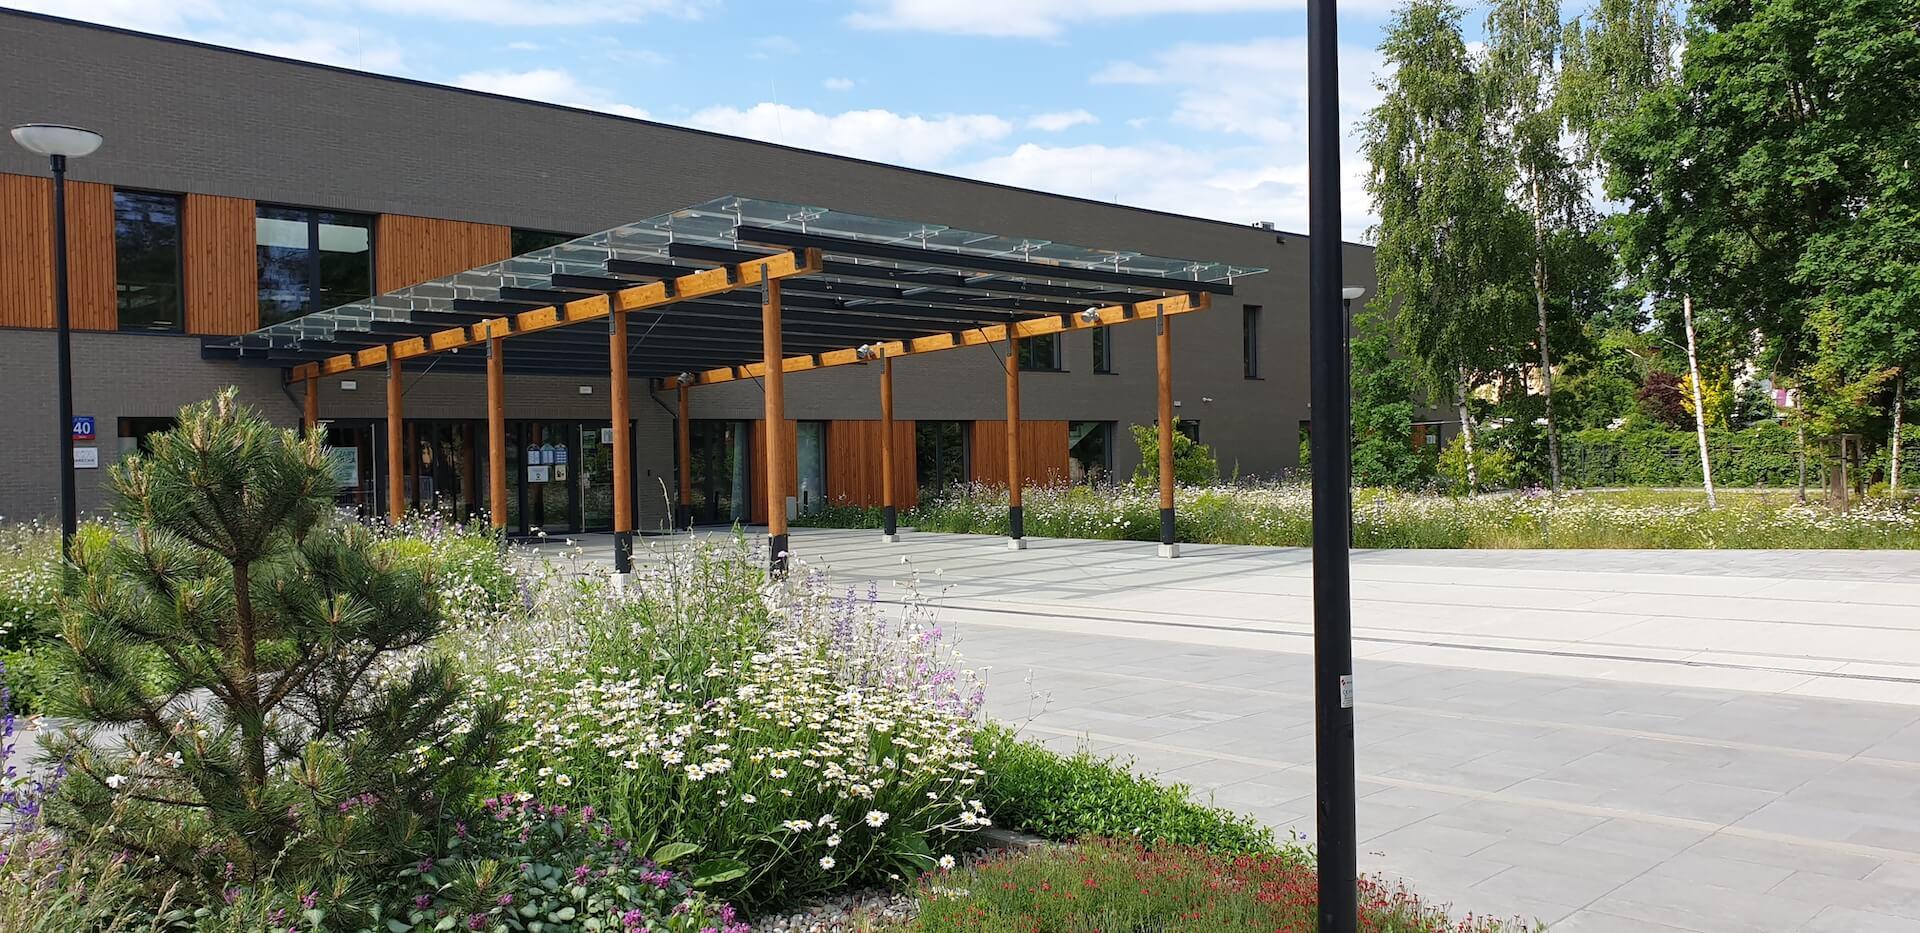 Widok wejścia do budynku Mareckiego Centrum Edukacyjno-Rekreacyjnego (MCER)